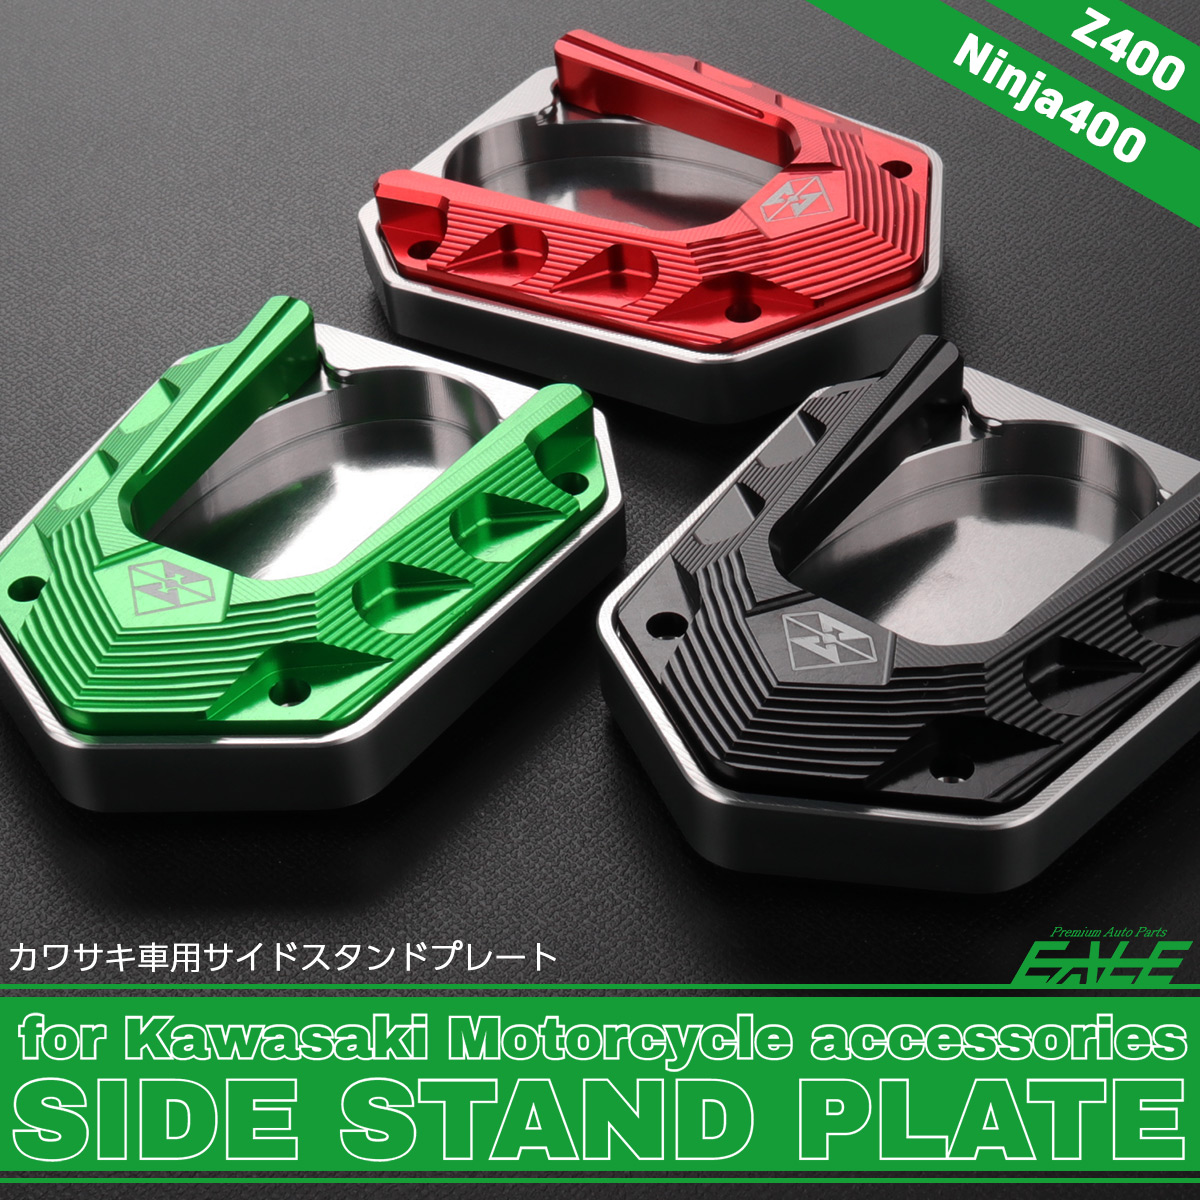 カワサキ用 ニンジャ400 Z400 サイドスタンド プレート 滑り止め 駐車時の安定化に T6アルミ 3色 S-936